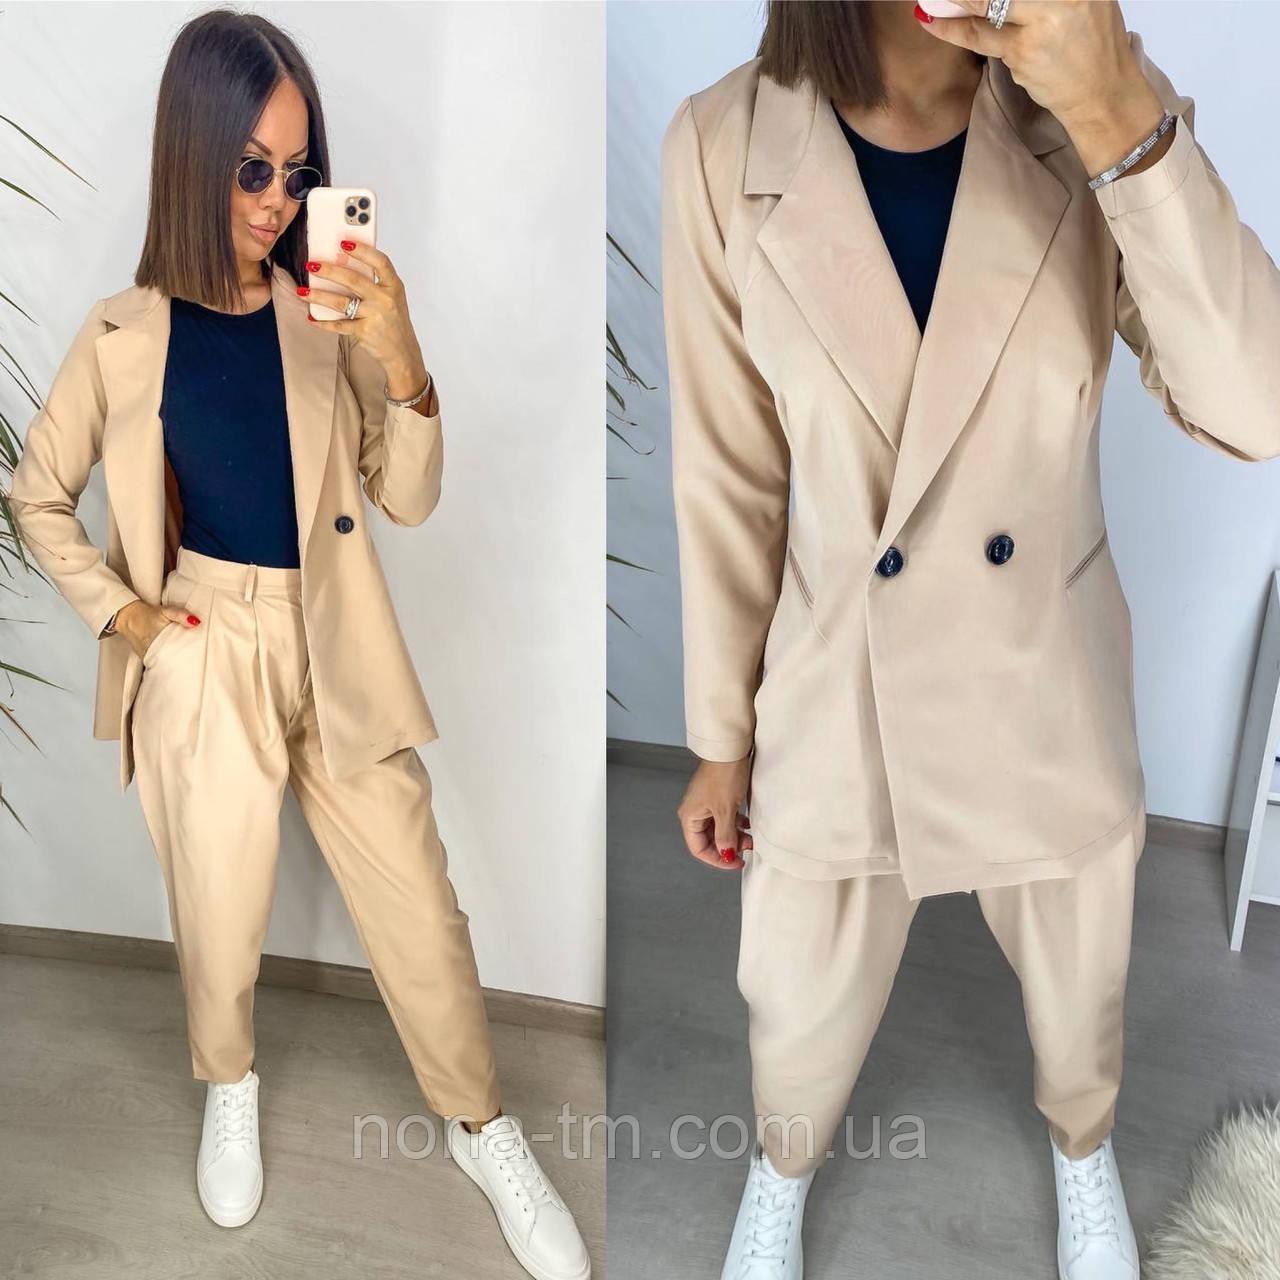 Модний костюм жіночий з жакетом і штанами